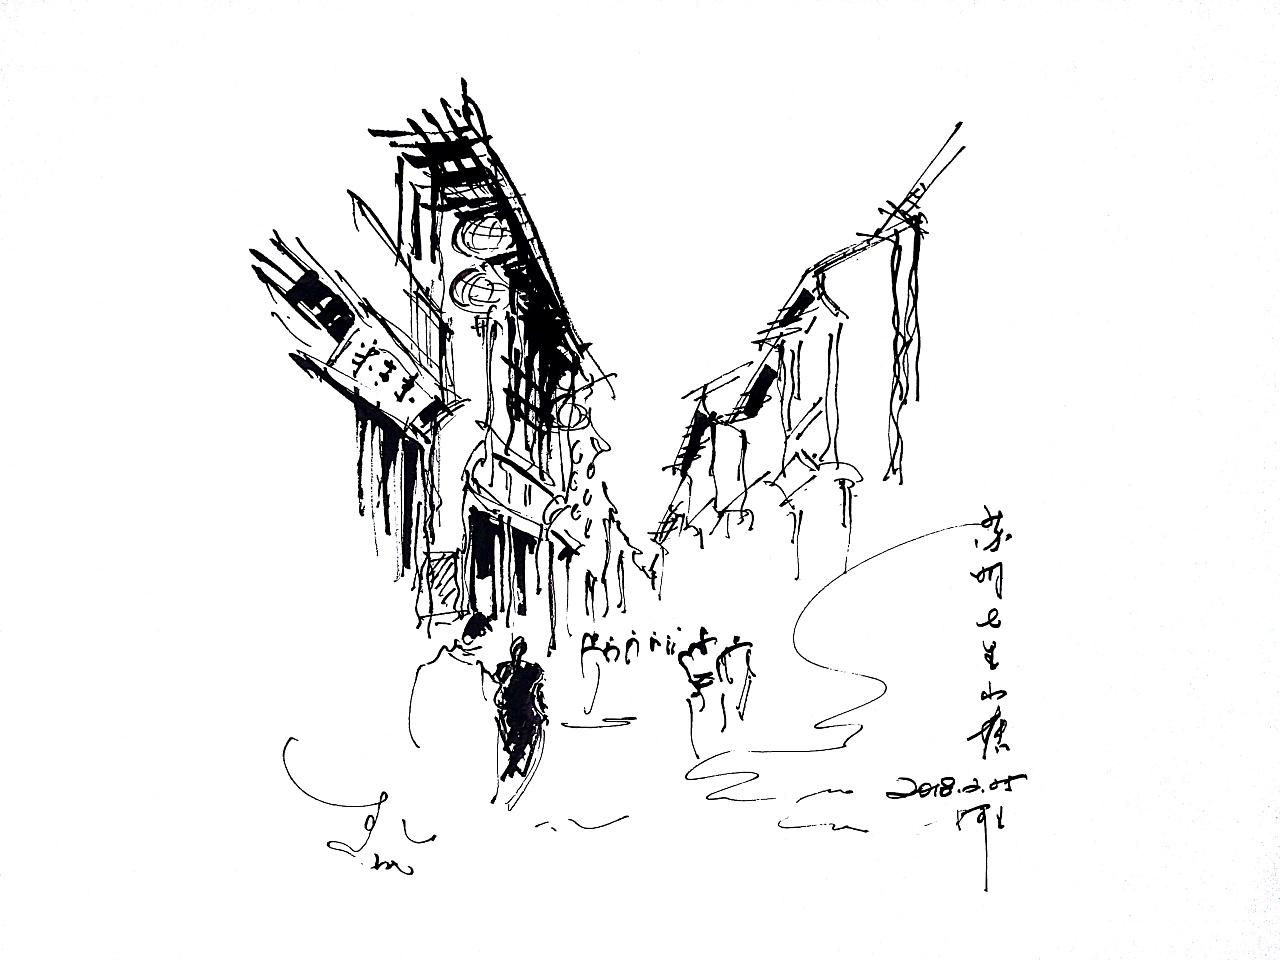 阿王速写建筑风景手绘|纯艺术|速写|阿王速写 - 原创